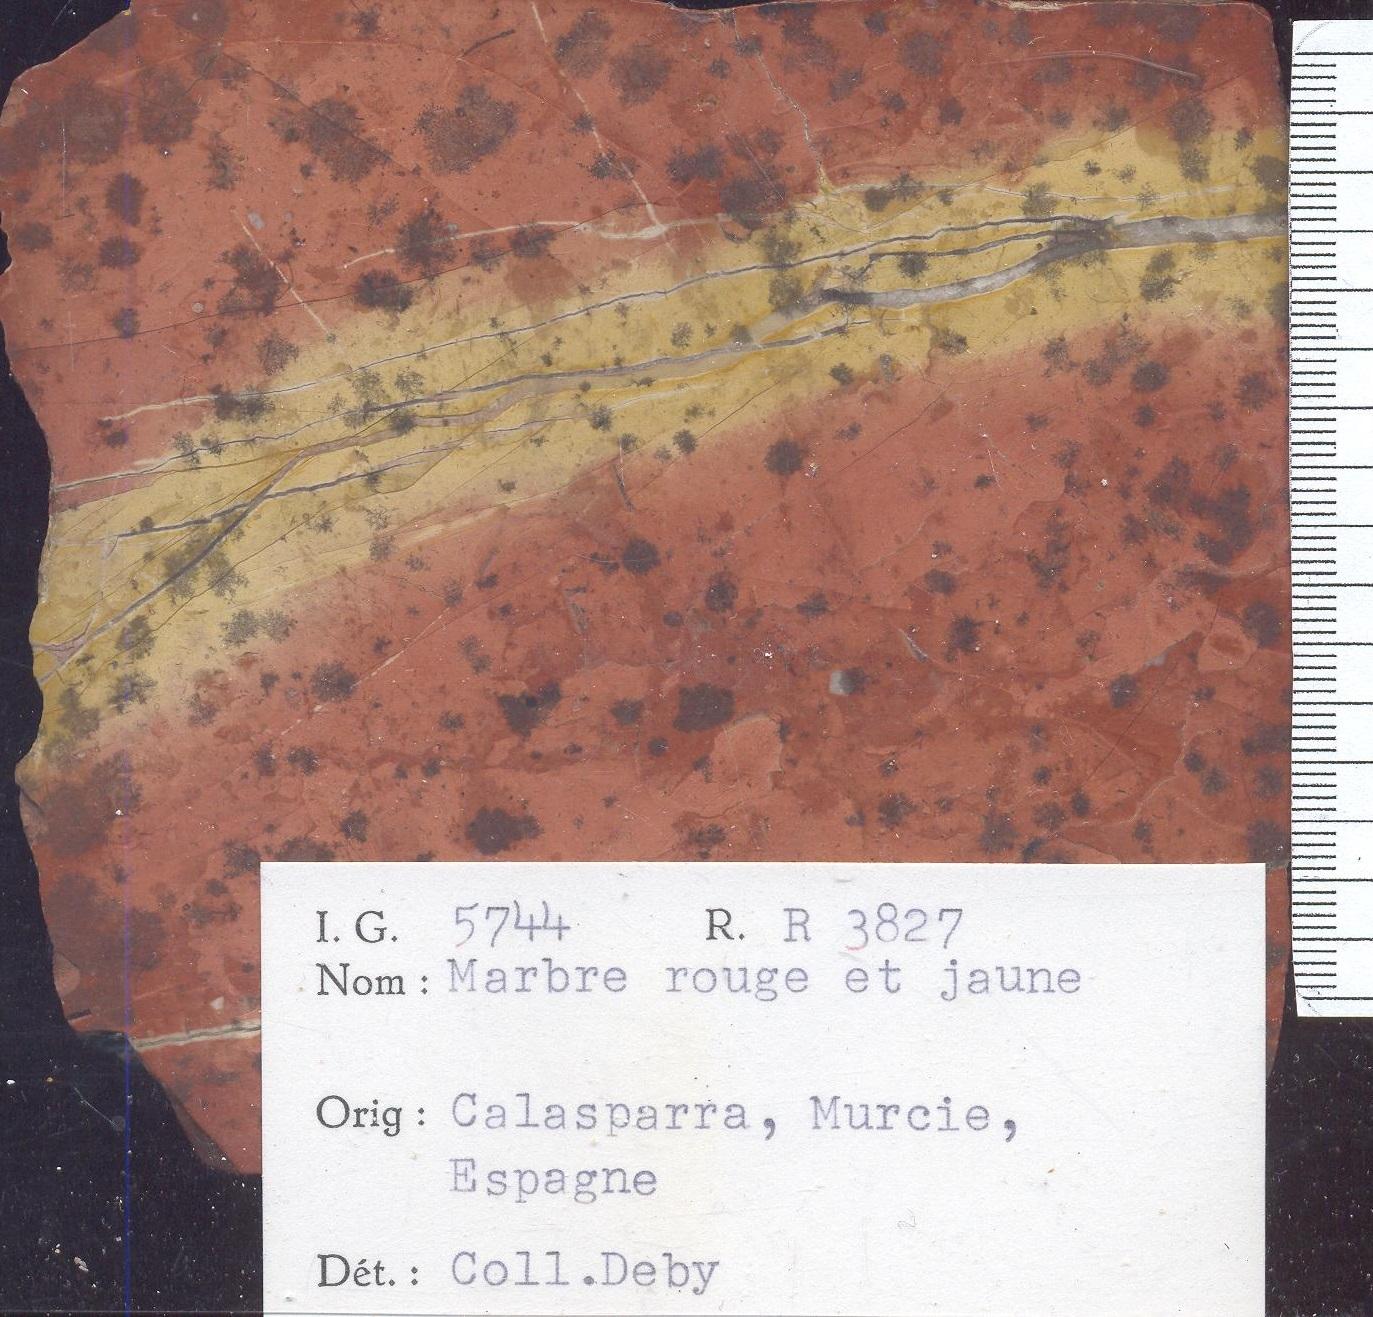 Calasparra rouge et jaune RR3827